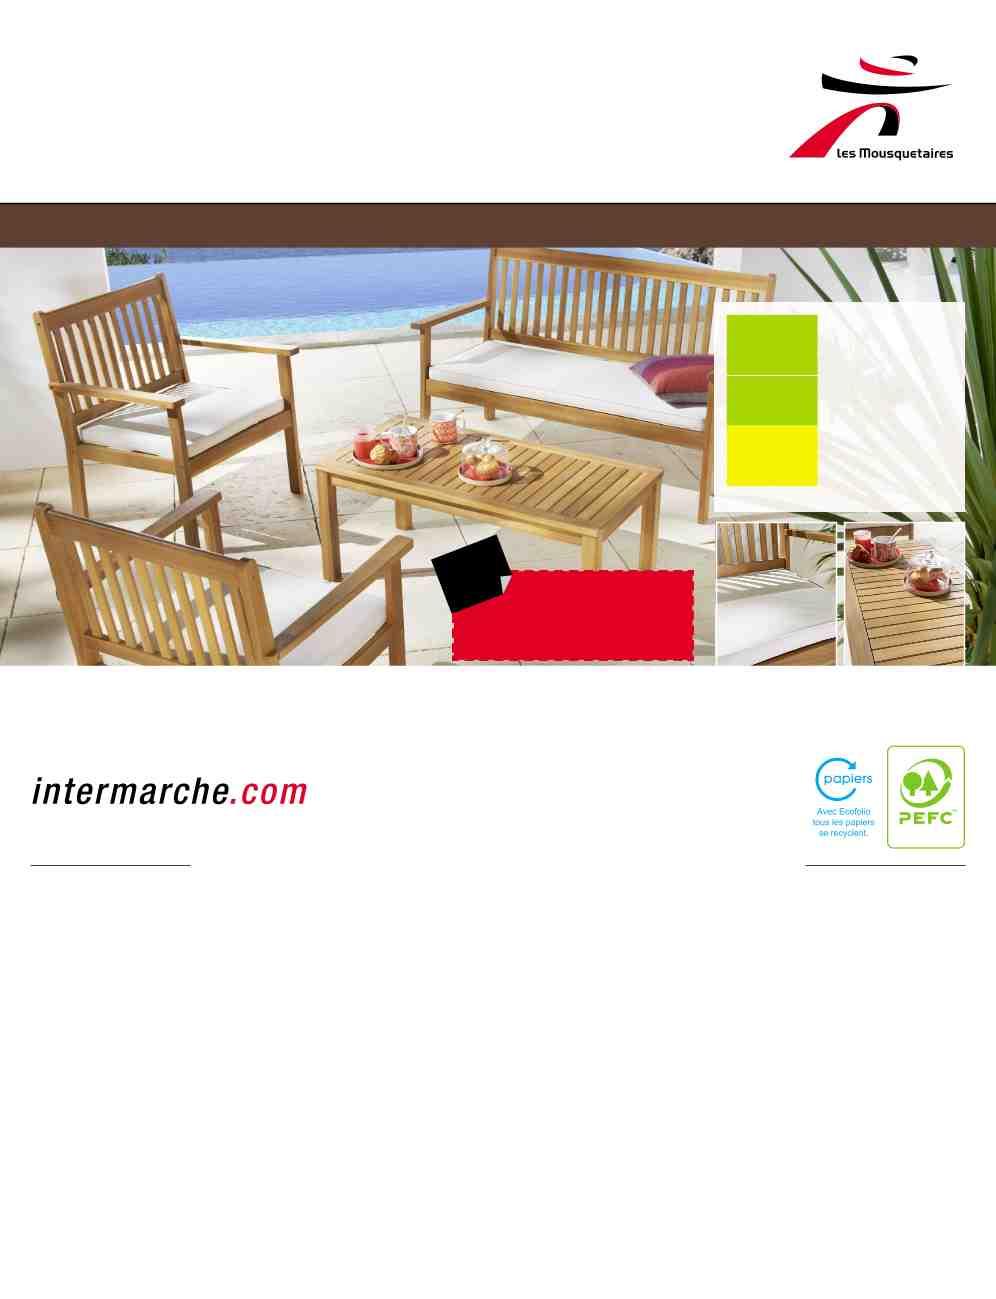 Salon de jardin intermarché 2014